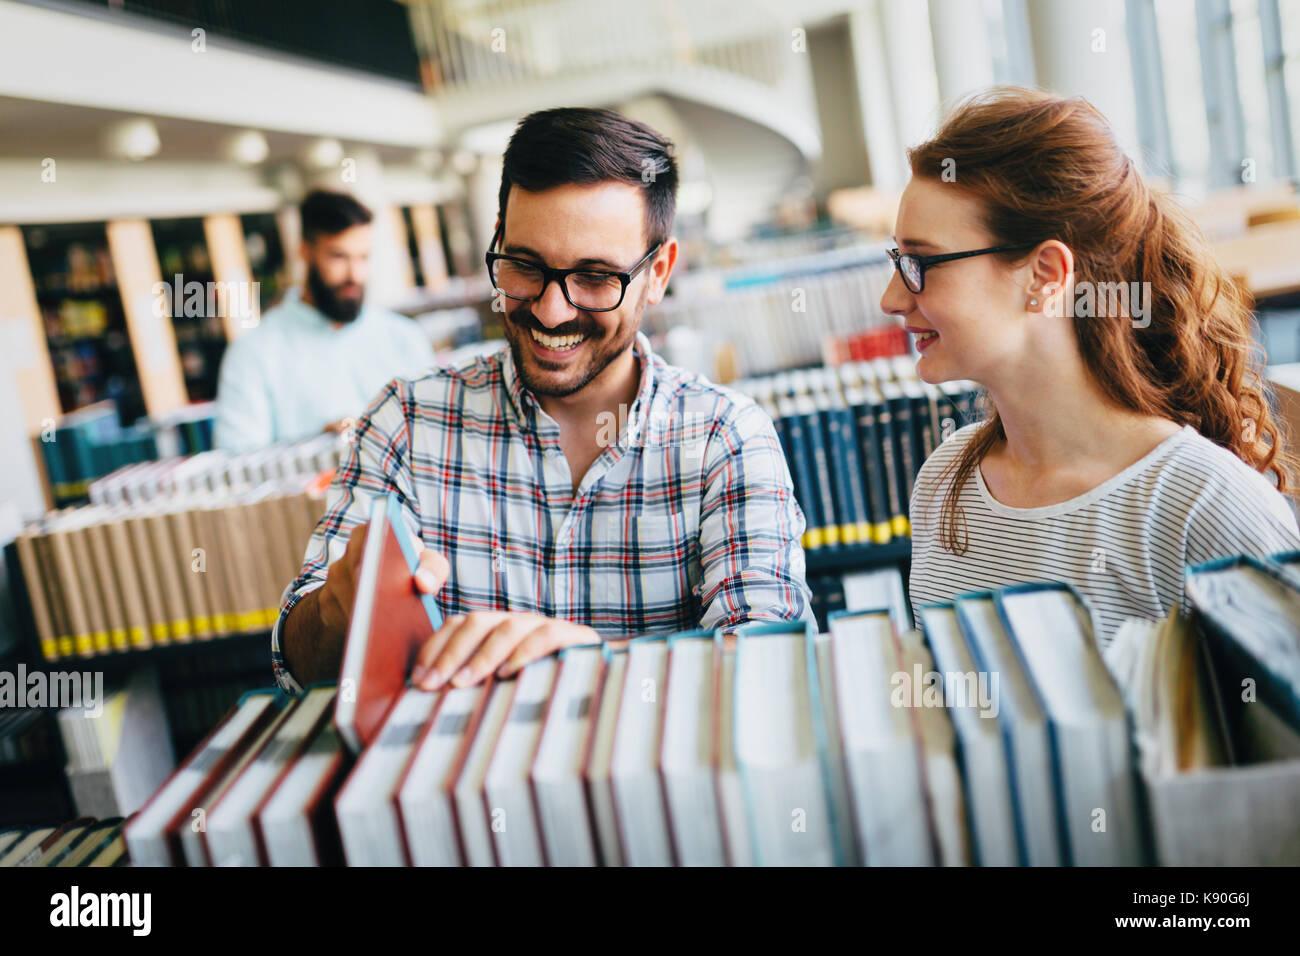 Junge attraktive Studenten Zeit in die Bibliothek Stockbild